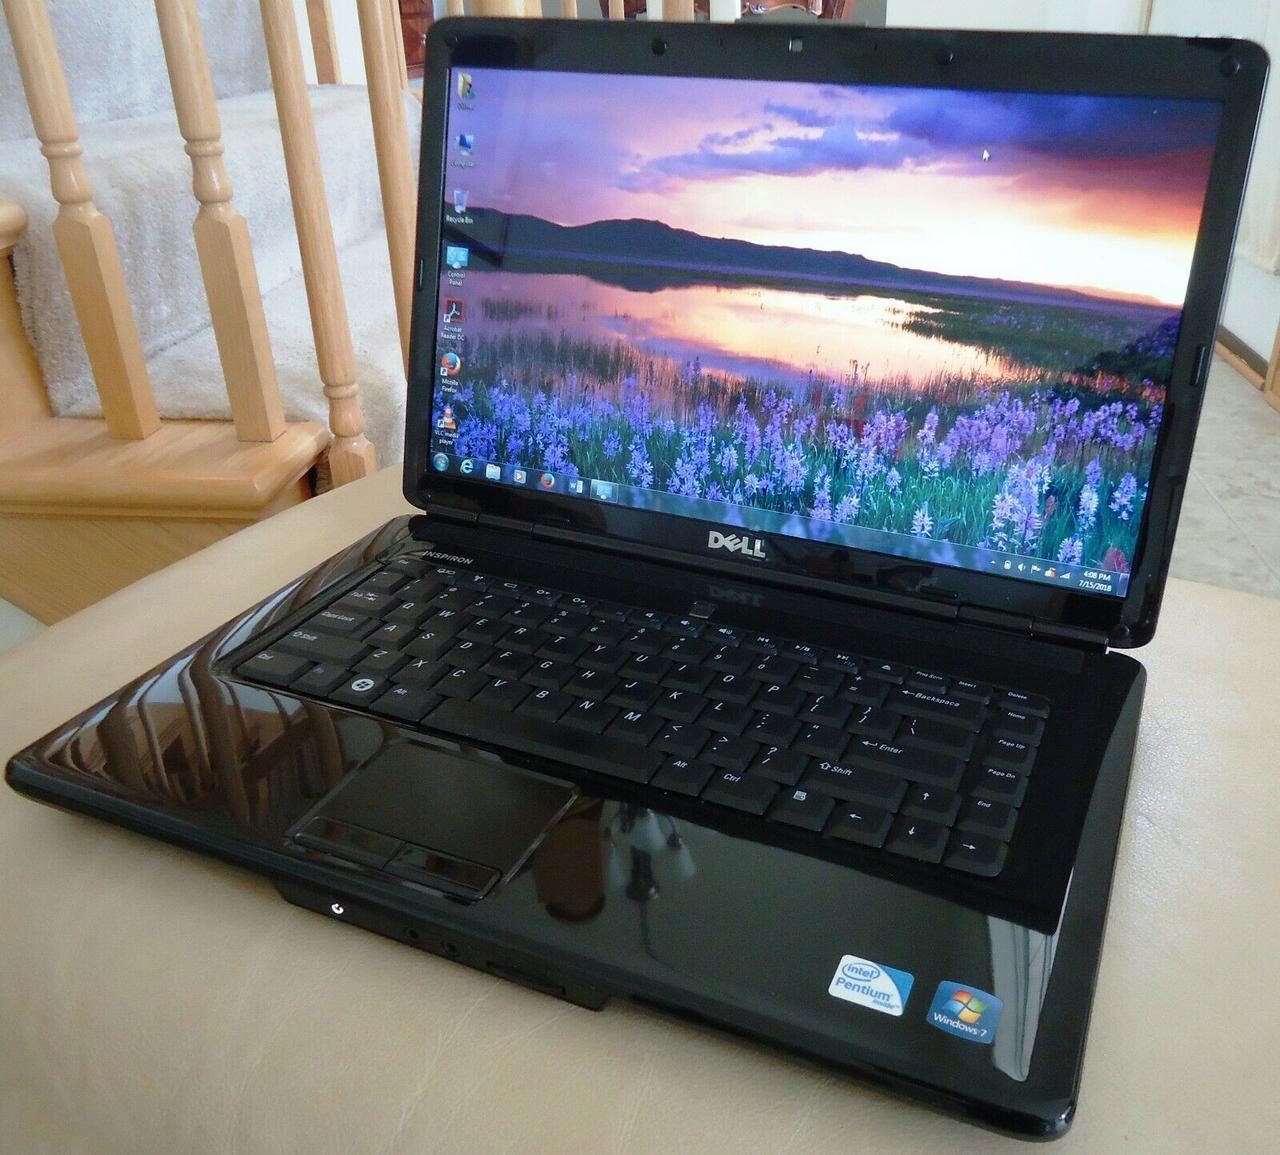 Ноутбук, notebook, Dell PP41L, 2 ядра по 2,1 ГГц, 4 Гб ОЗУ, HDD 250 Гб